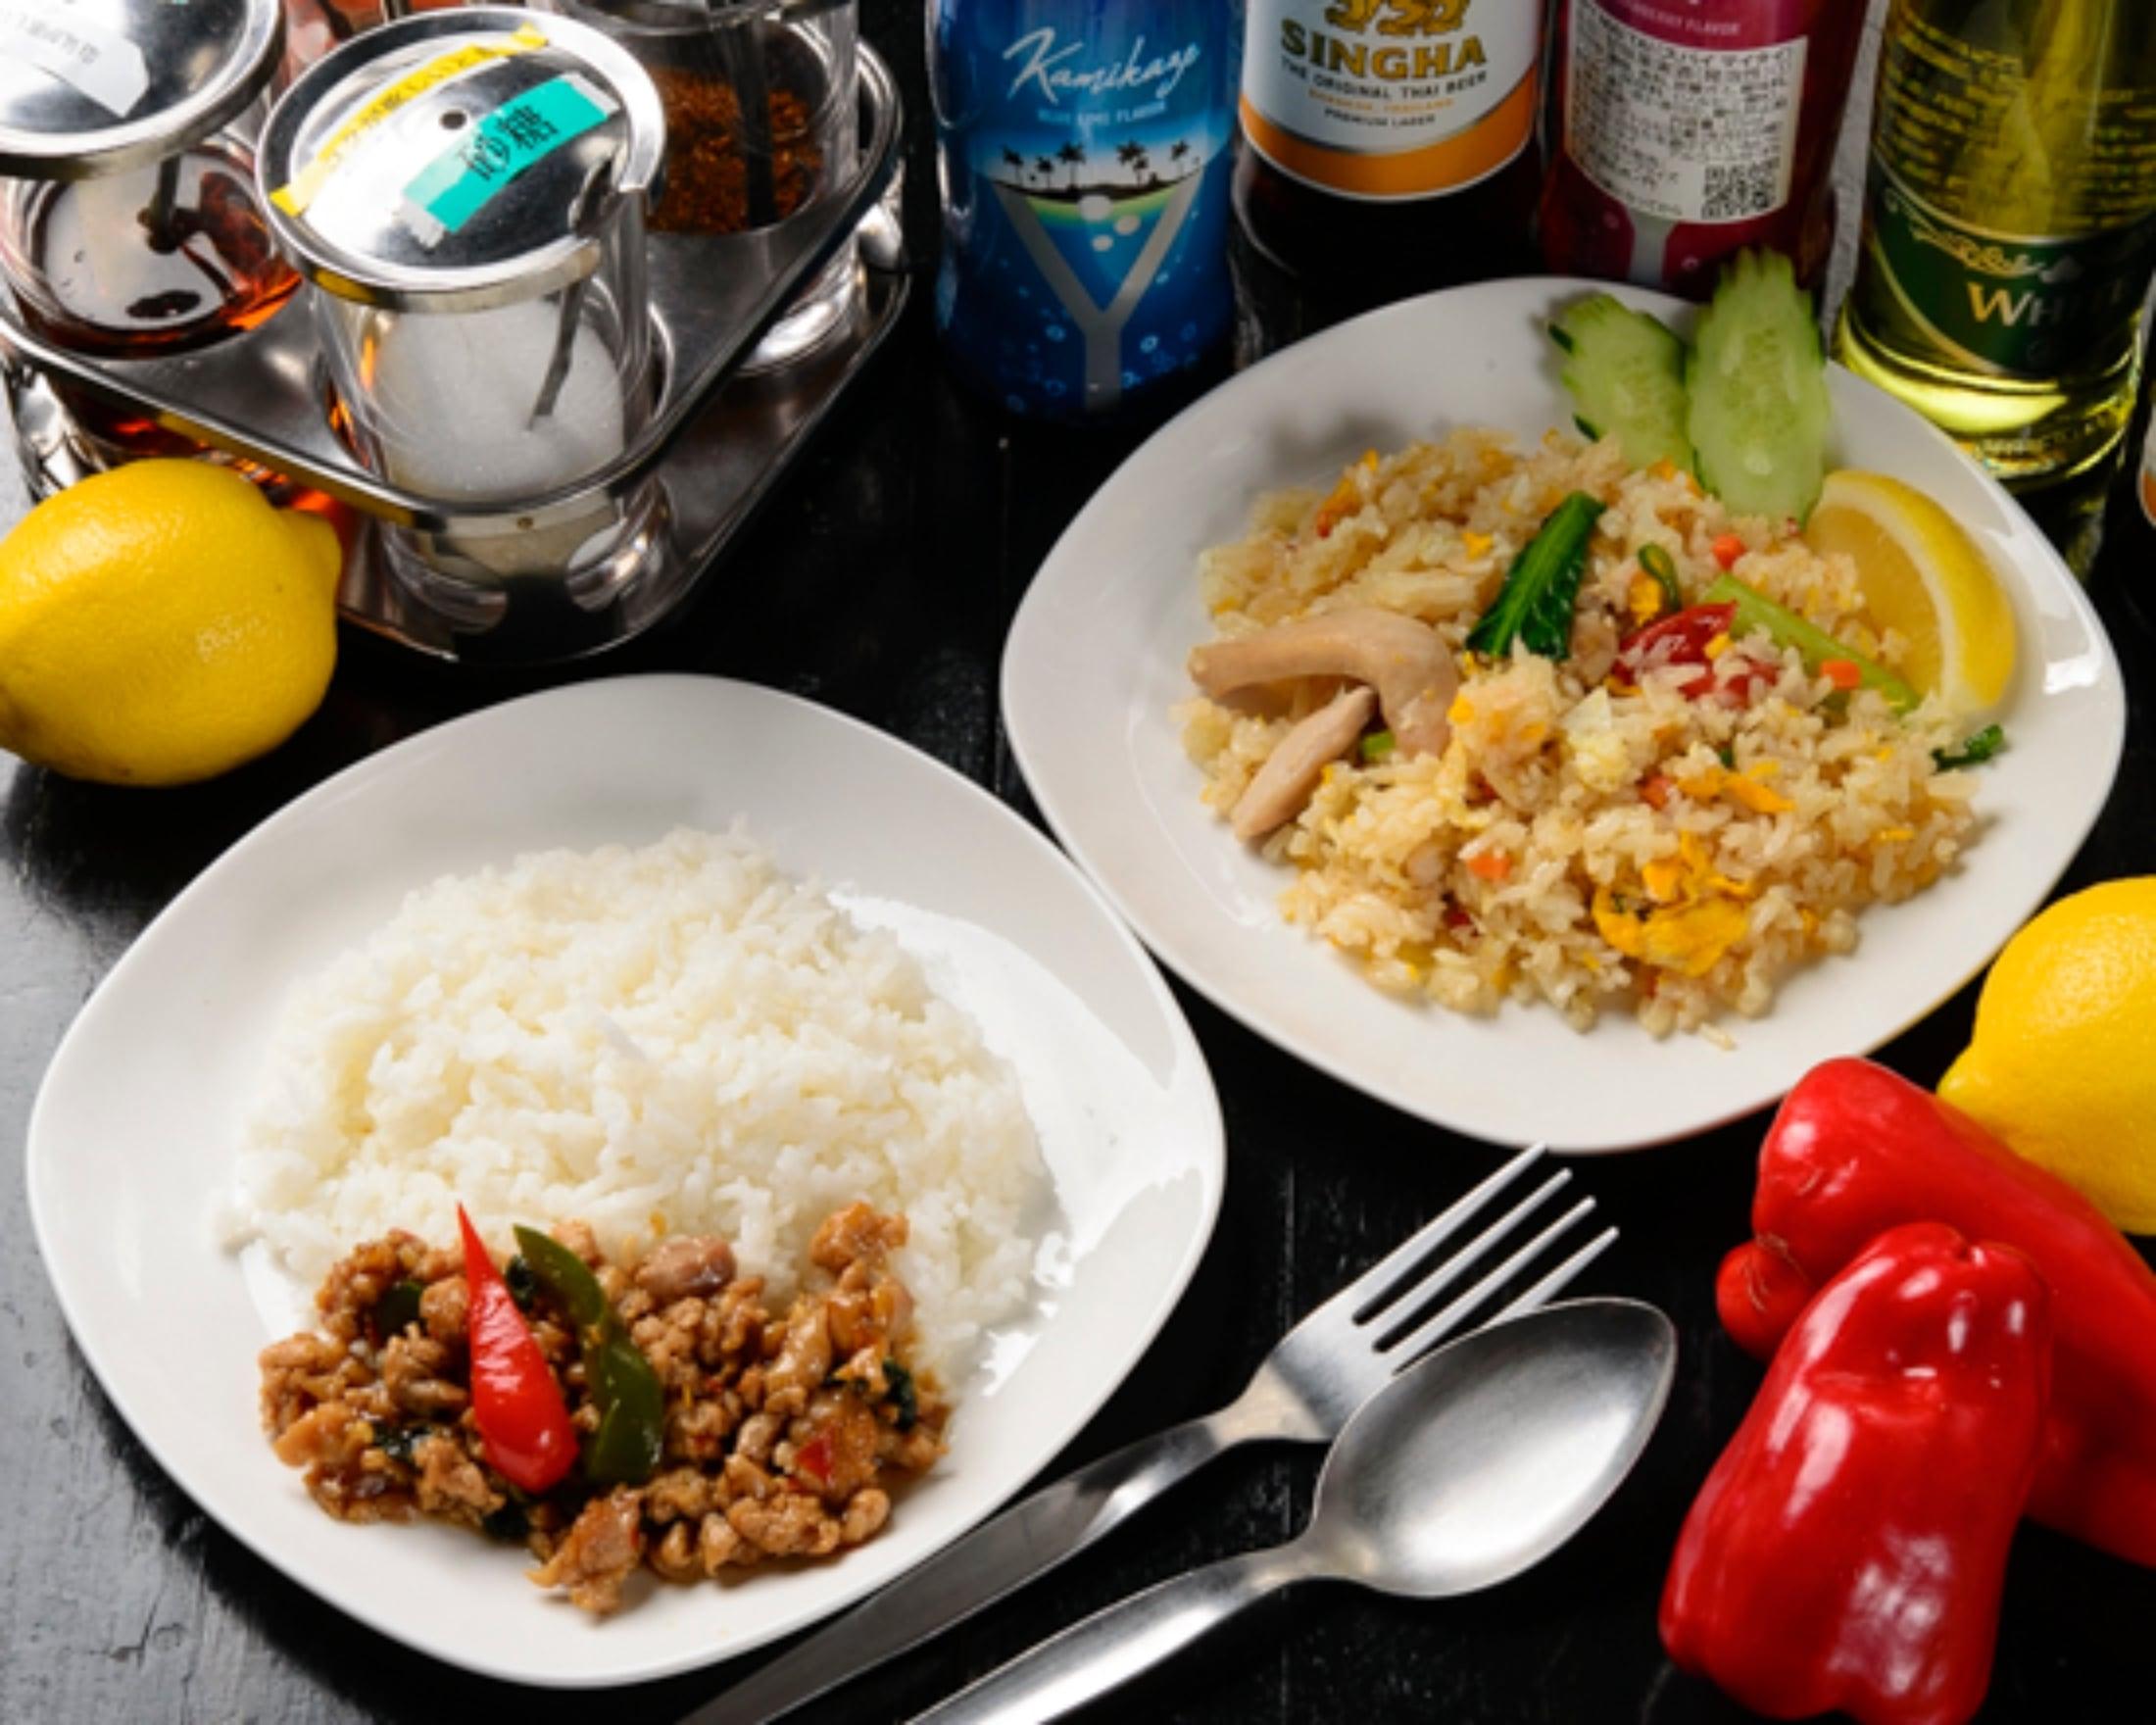 (モバイル限定)タイ料理2種弁当●ガパオごはん と タイの焼き飯